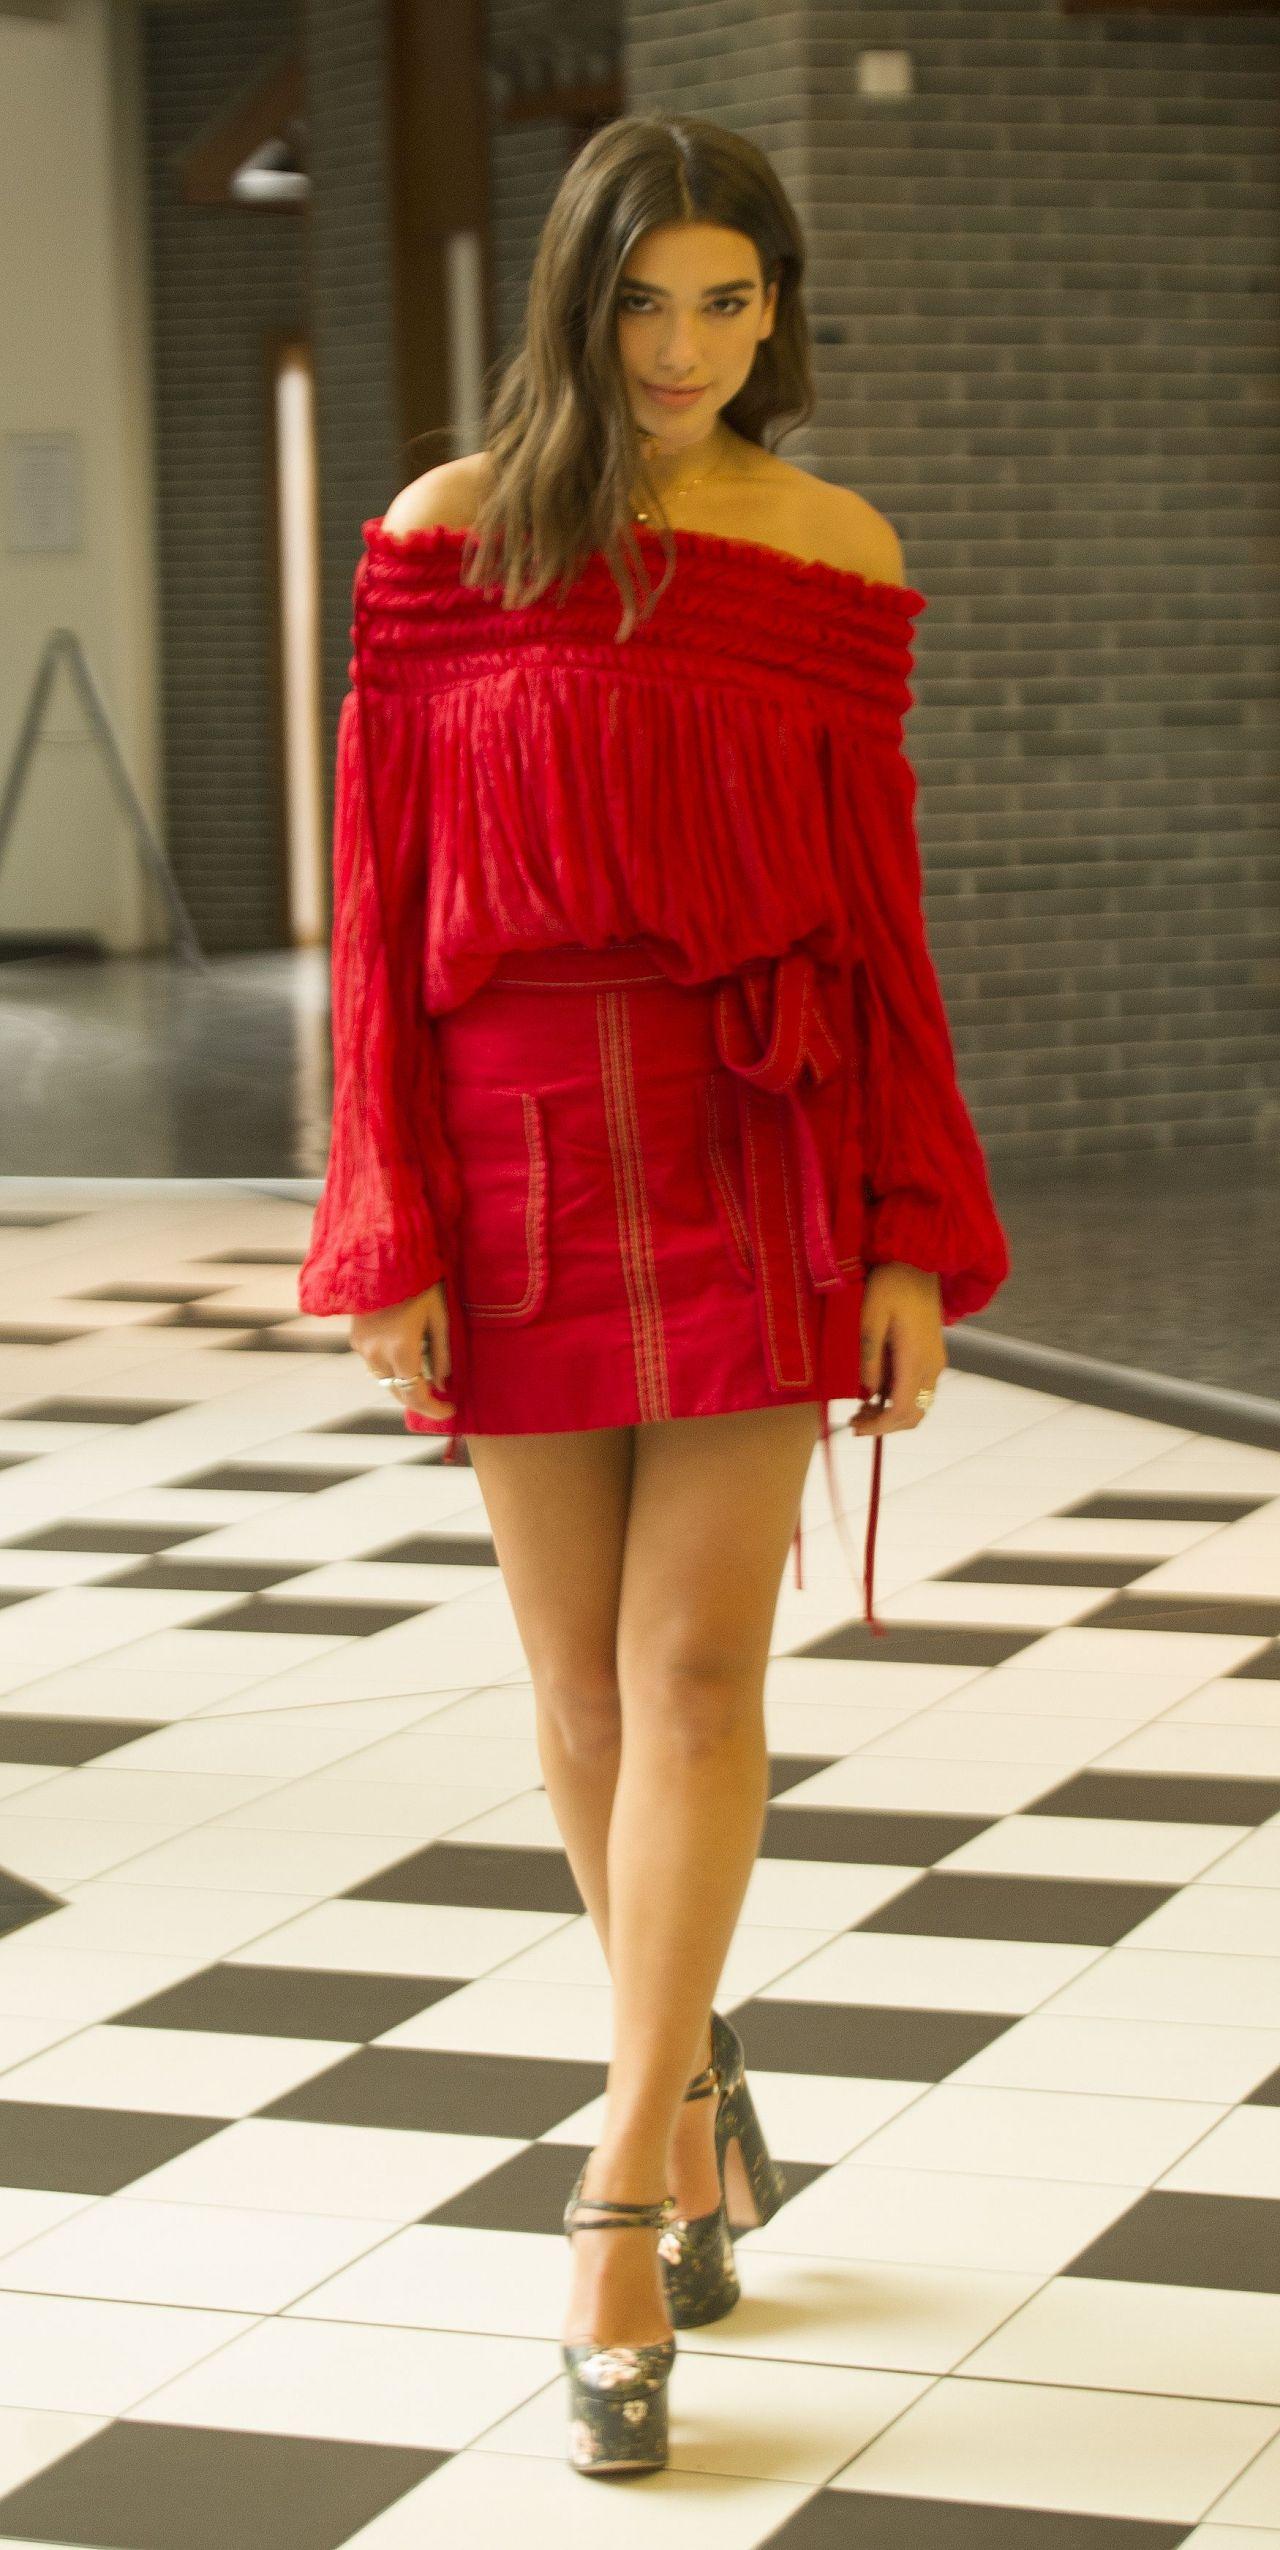 Dua Lipa in Red Mini Dress